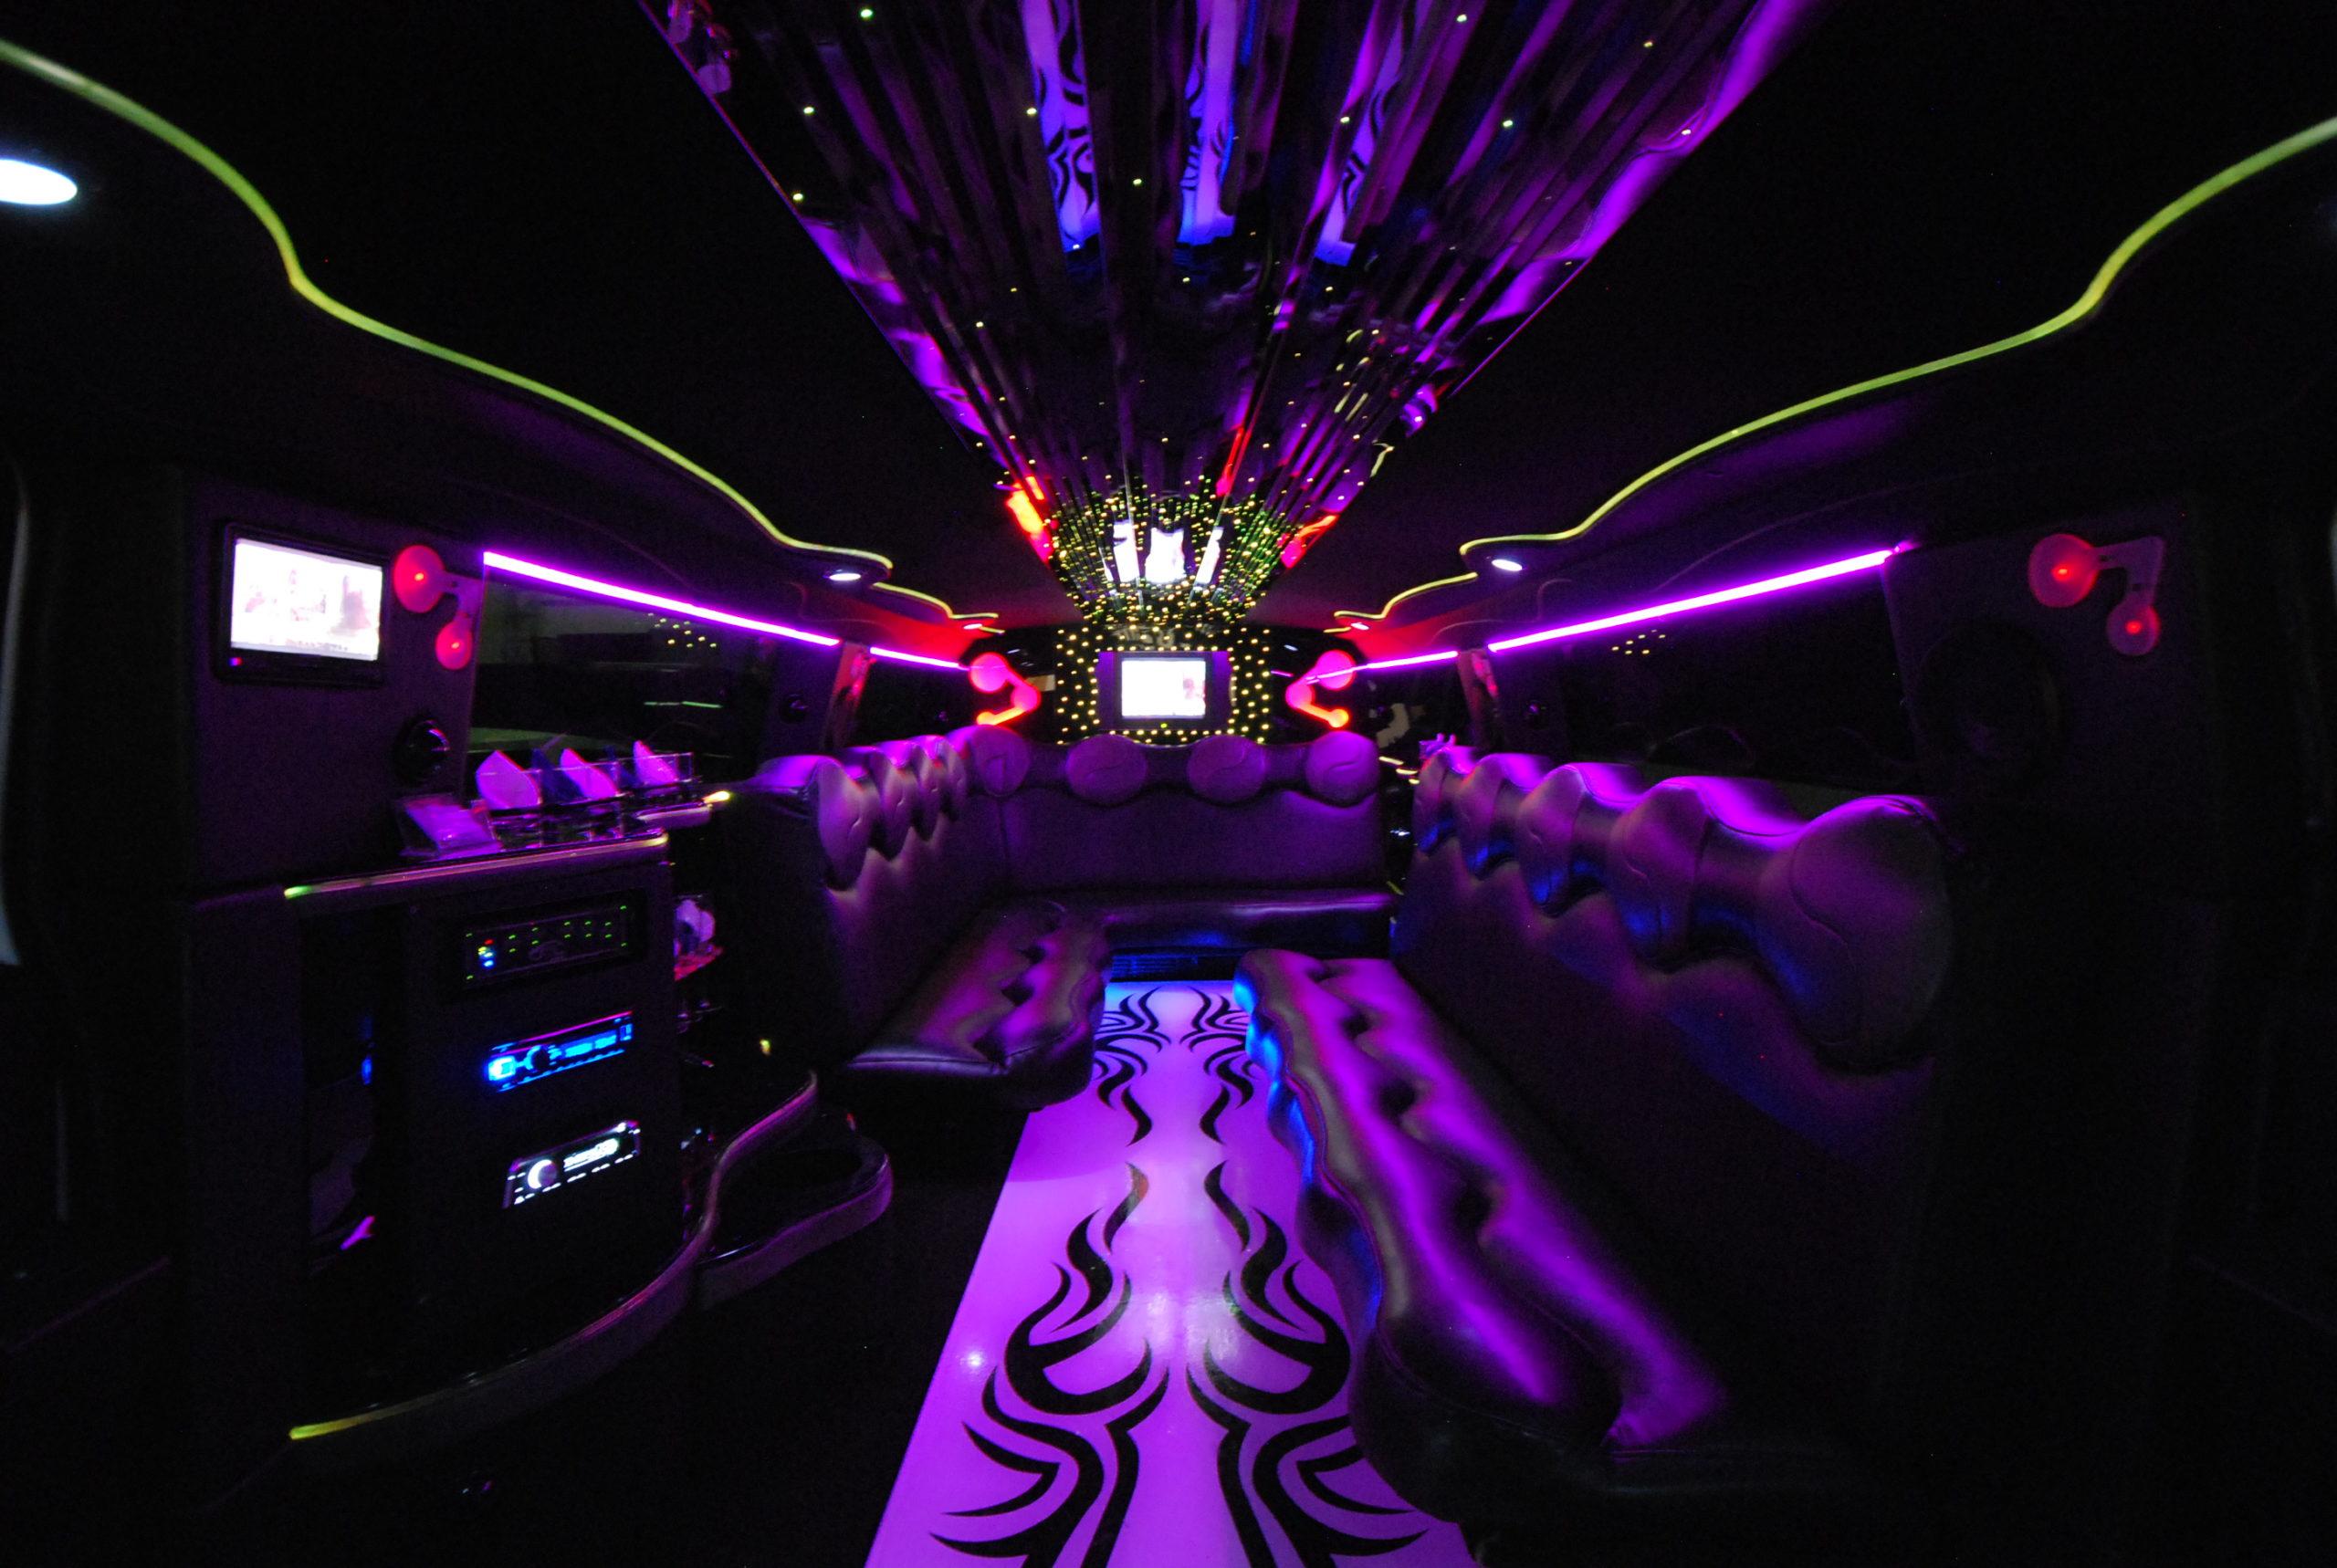 interno limousine Hummer H2 con riflessi di luce viola e gialla